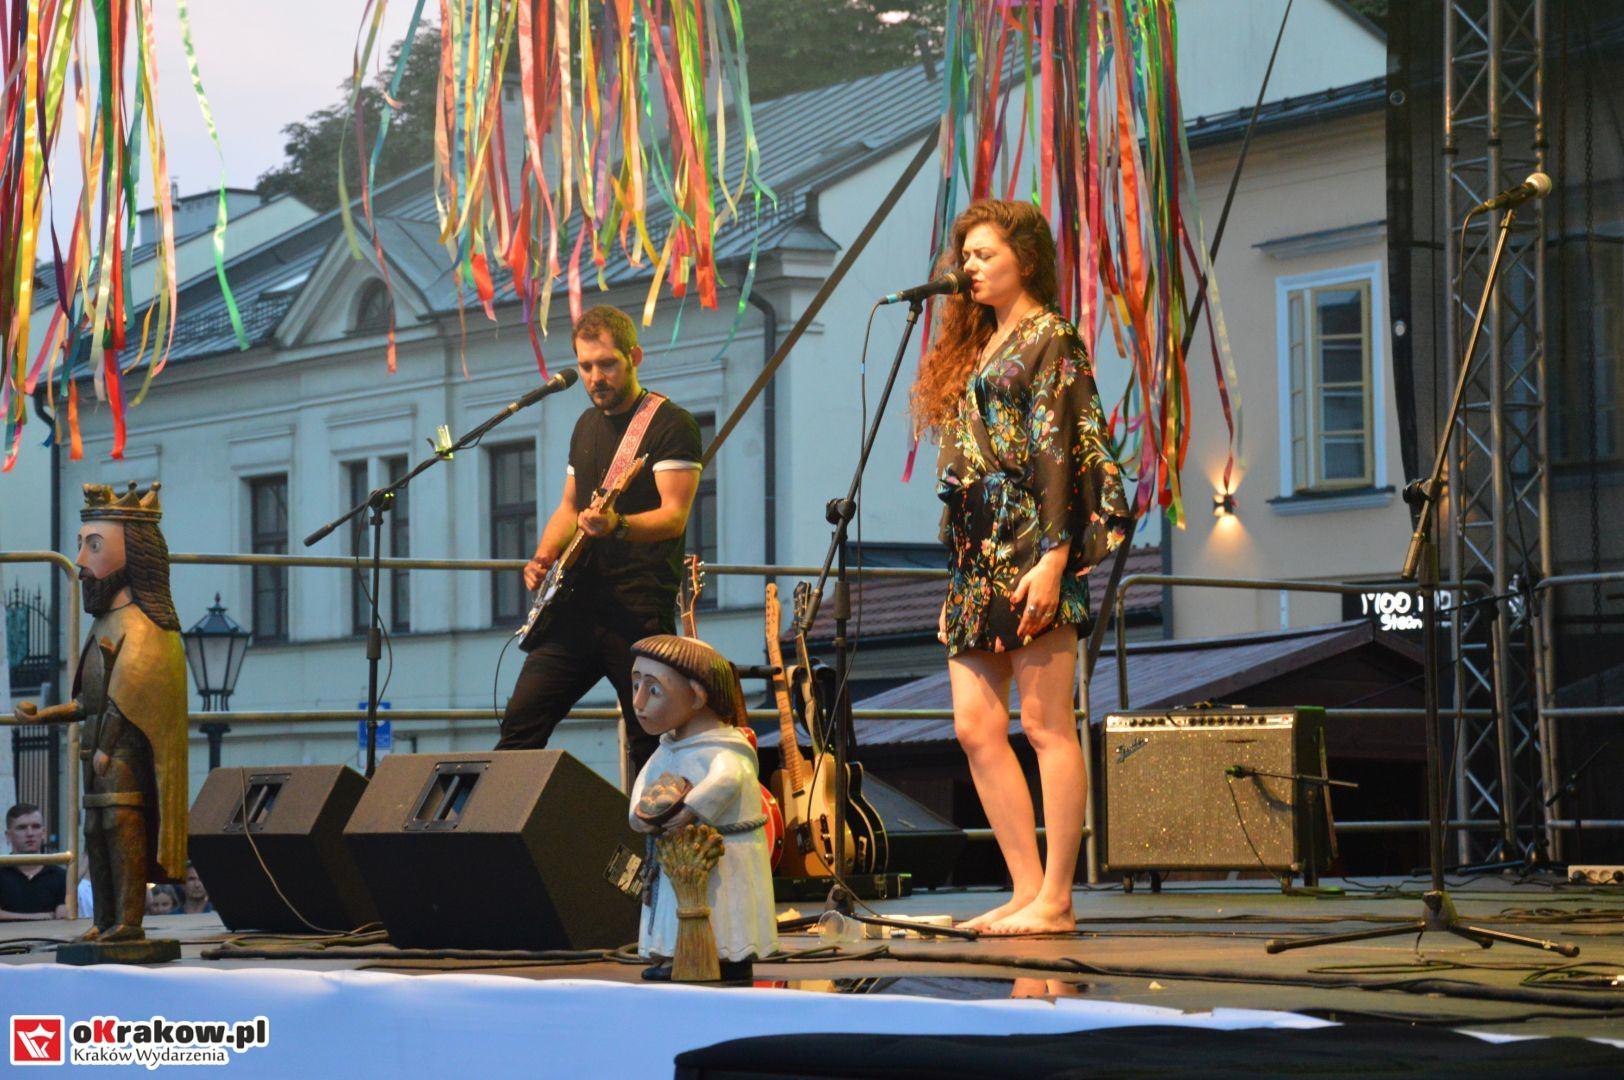 krakow festiwal pierogow maly rynek koncert cheap tobacco 182 150x150 - Galeria zdjęć Festiwal Pierogów Kraków 2018 + zdjęcia z koncertu Cheap Tobacco